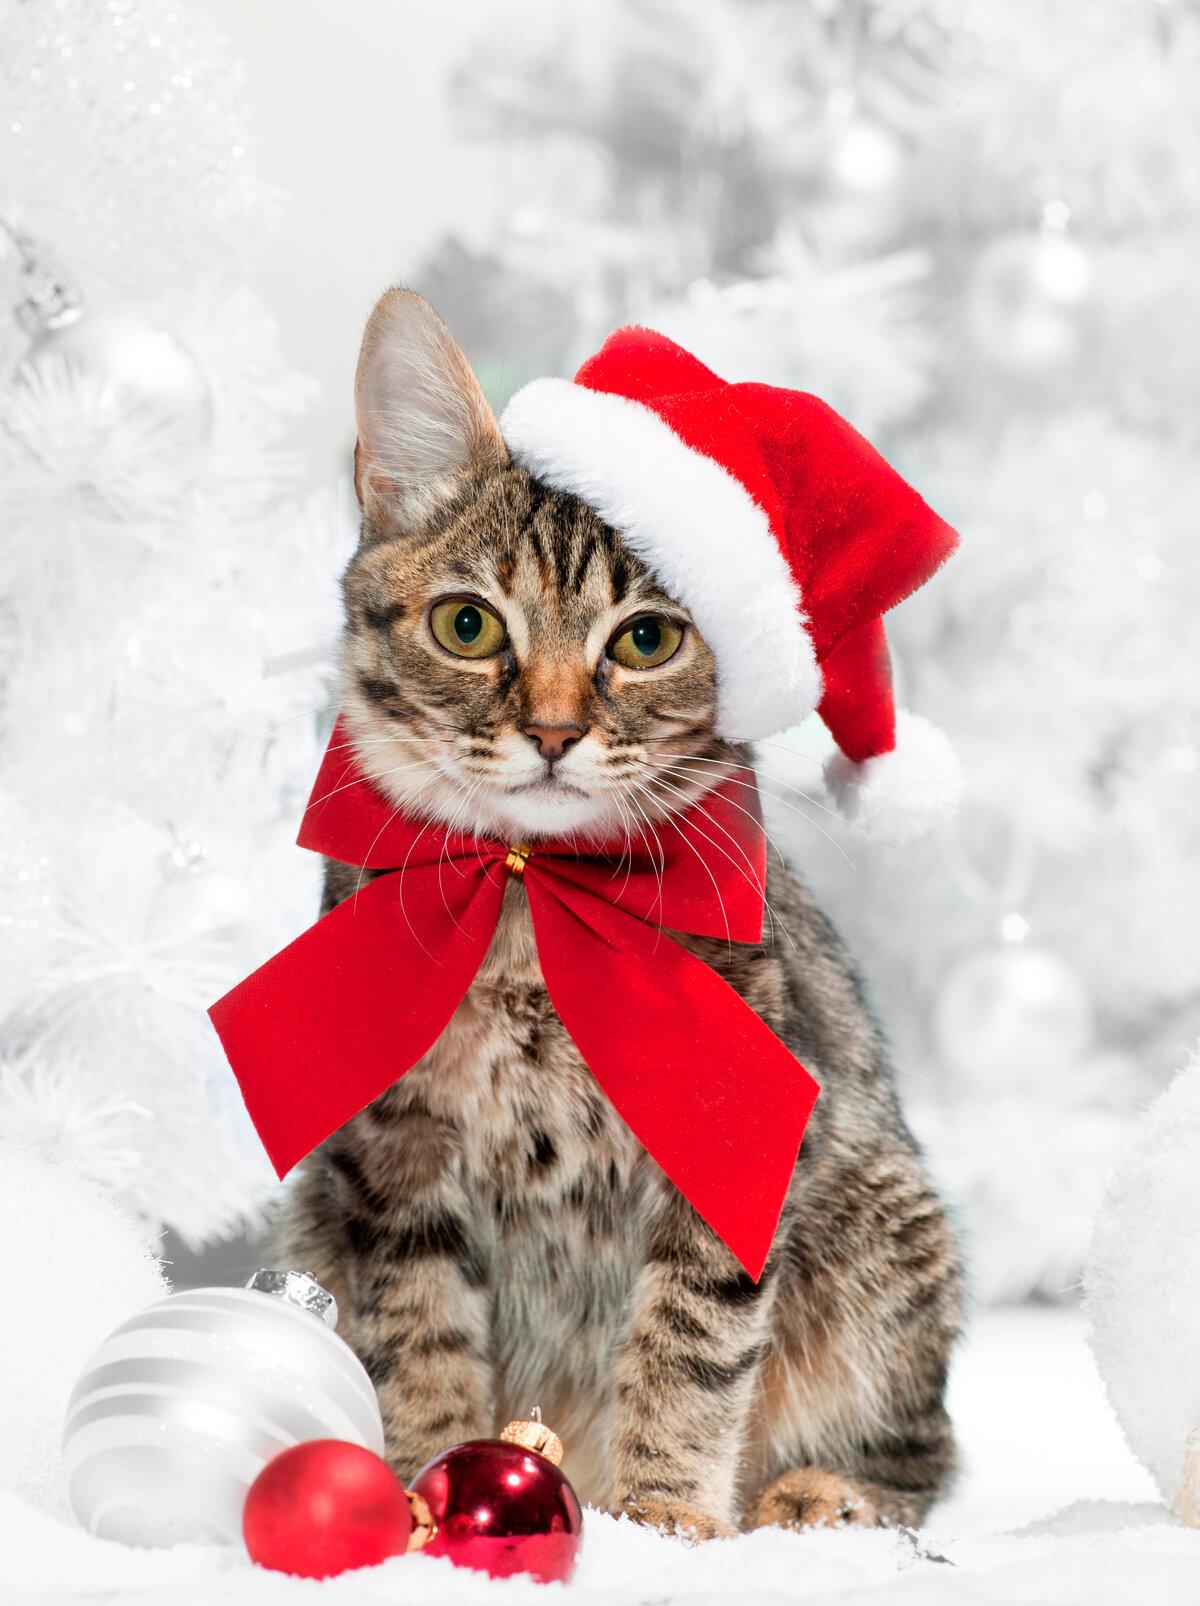 Картинки с новым годом с кошками, открытки шрифты